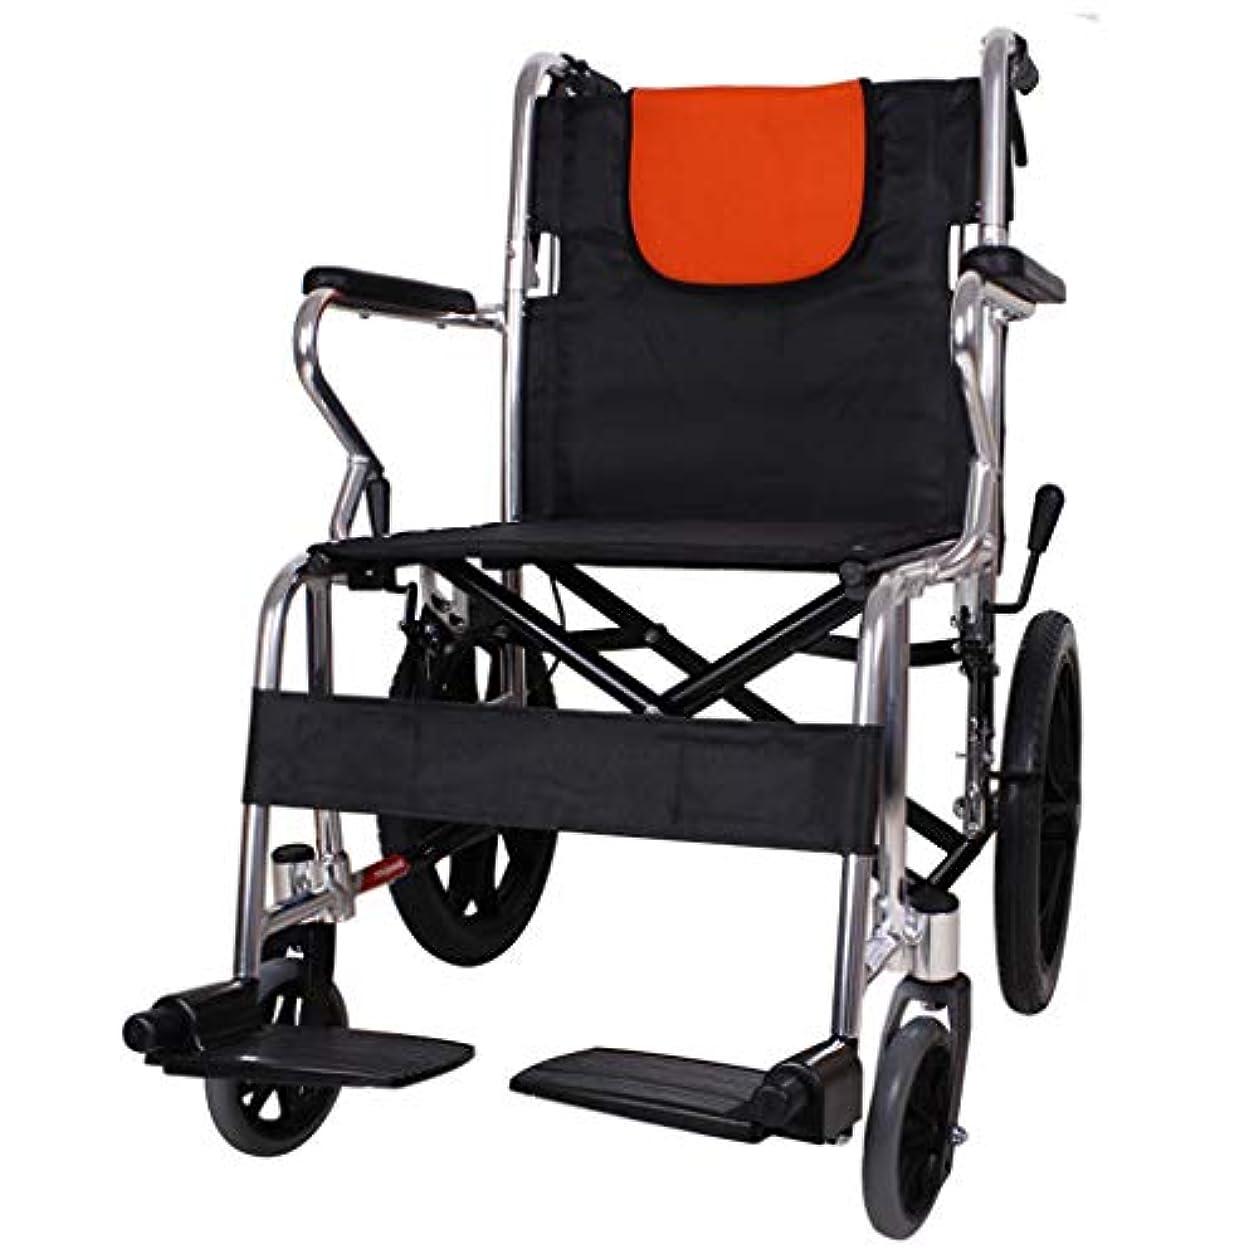 大使館荒らす受取人ハンドプッシュ車椅子、折りたたみ式、手動プッシュ式歩行装置、成人および障害者用アルミニウム旅行スクーターに適しています